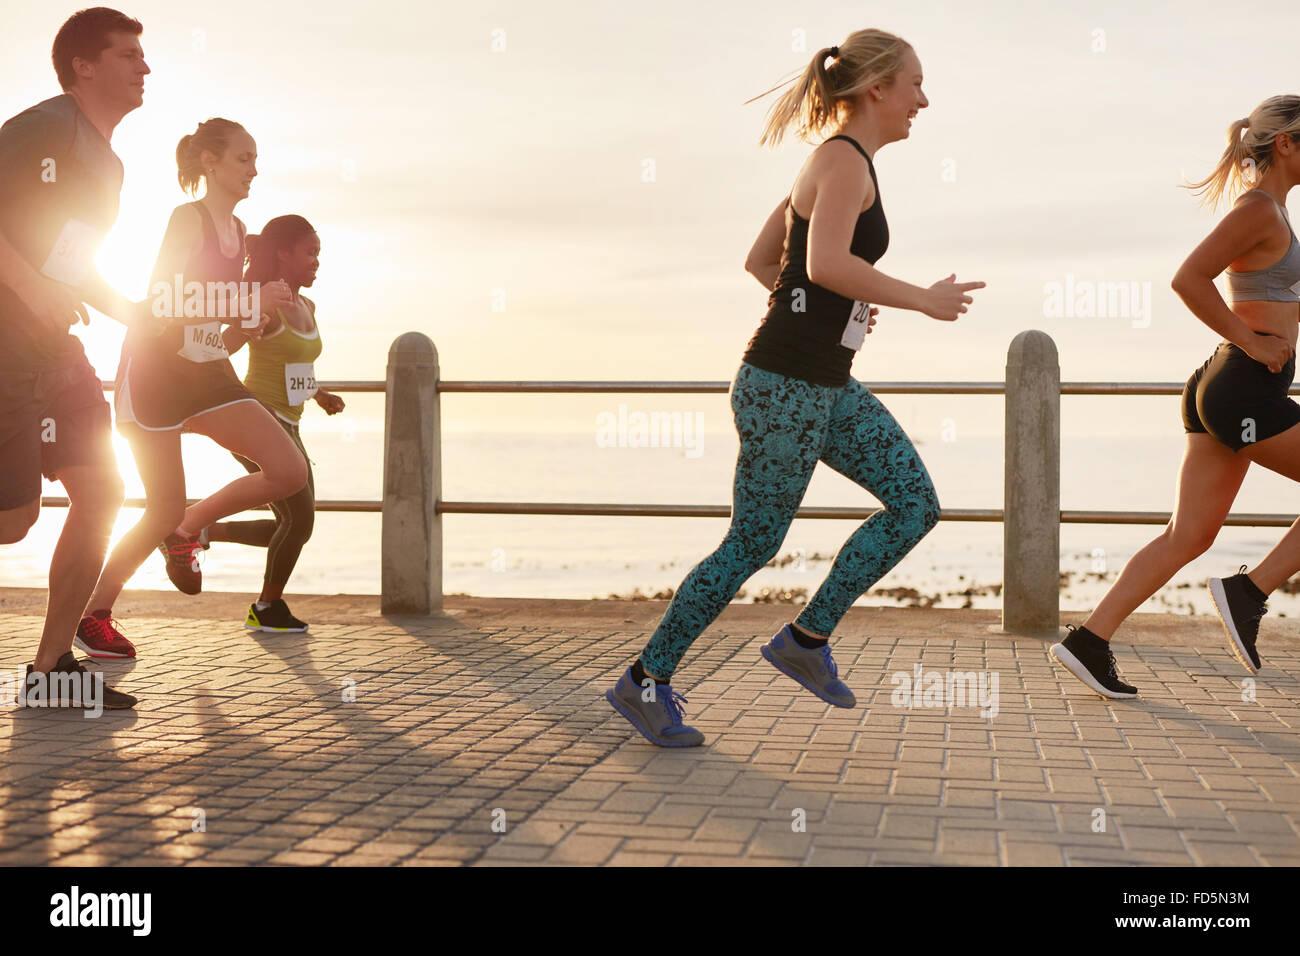 Porträt des jungen Menschen direkt an Strandpromenade laufen. Männer und Frauen laufen Marathon unterwegs Stockbild